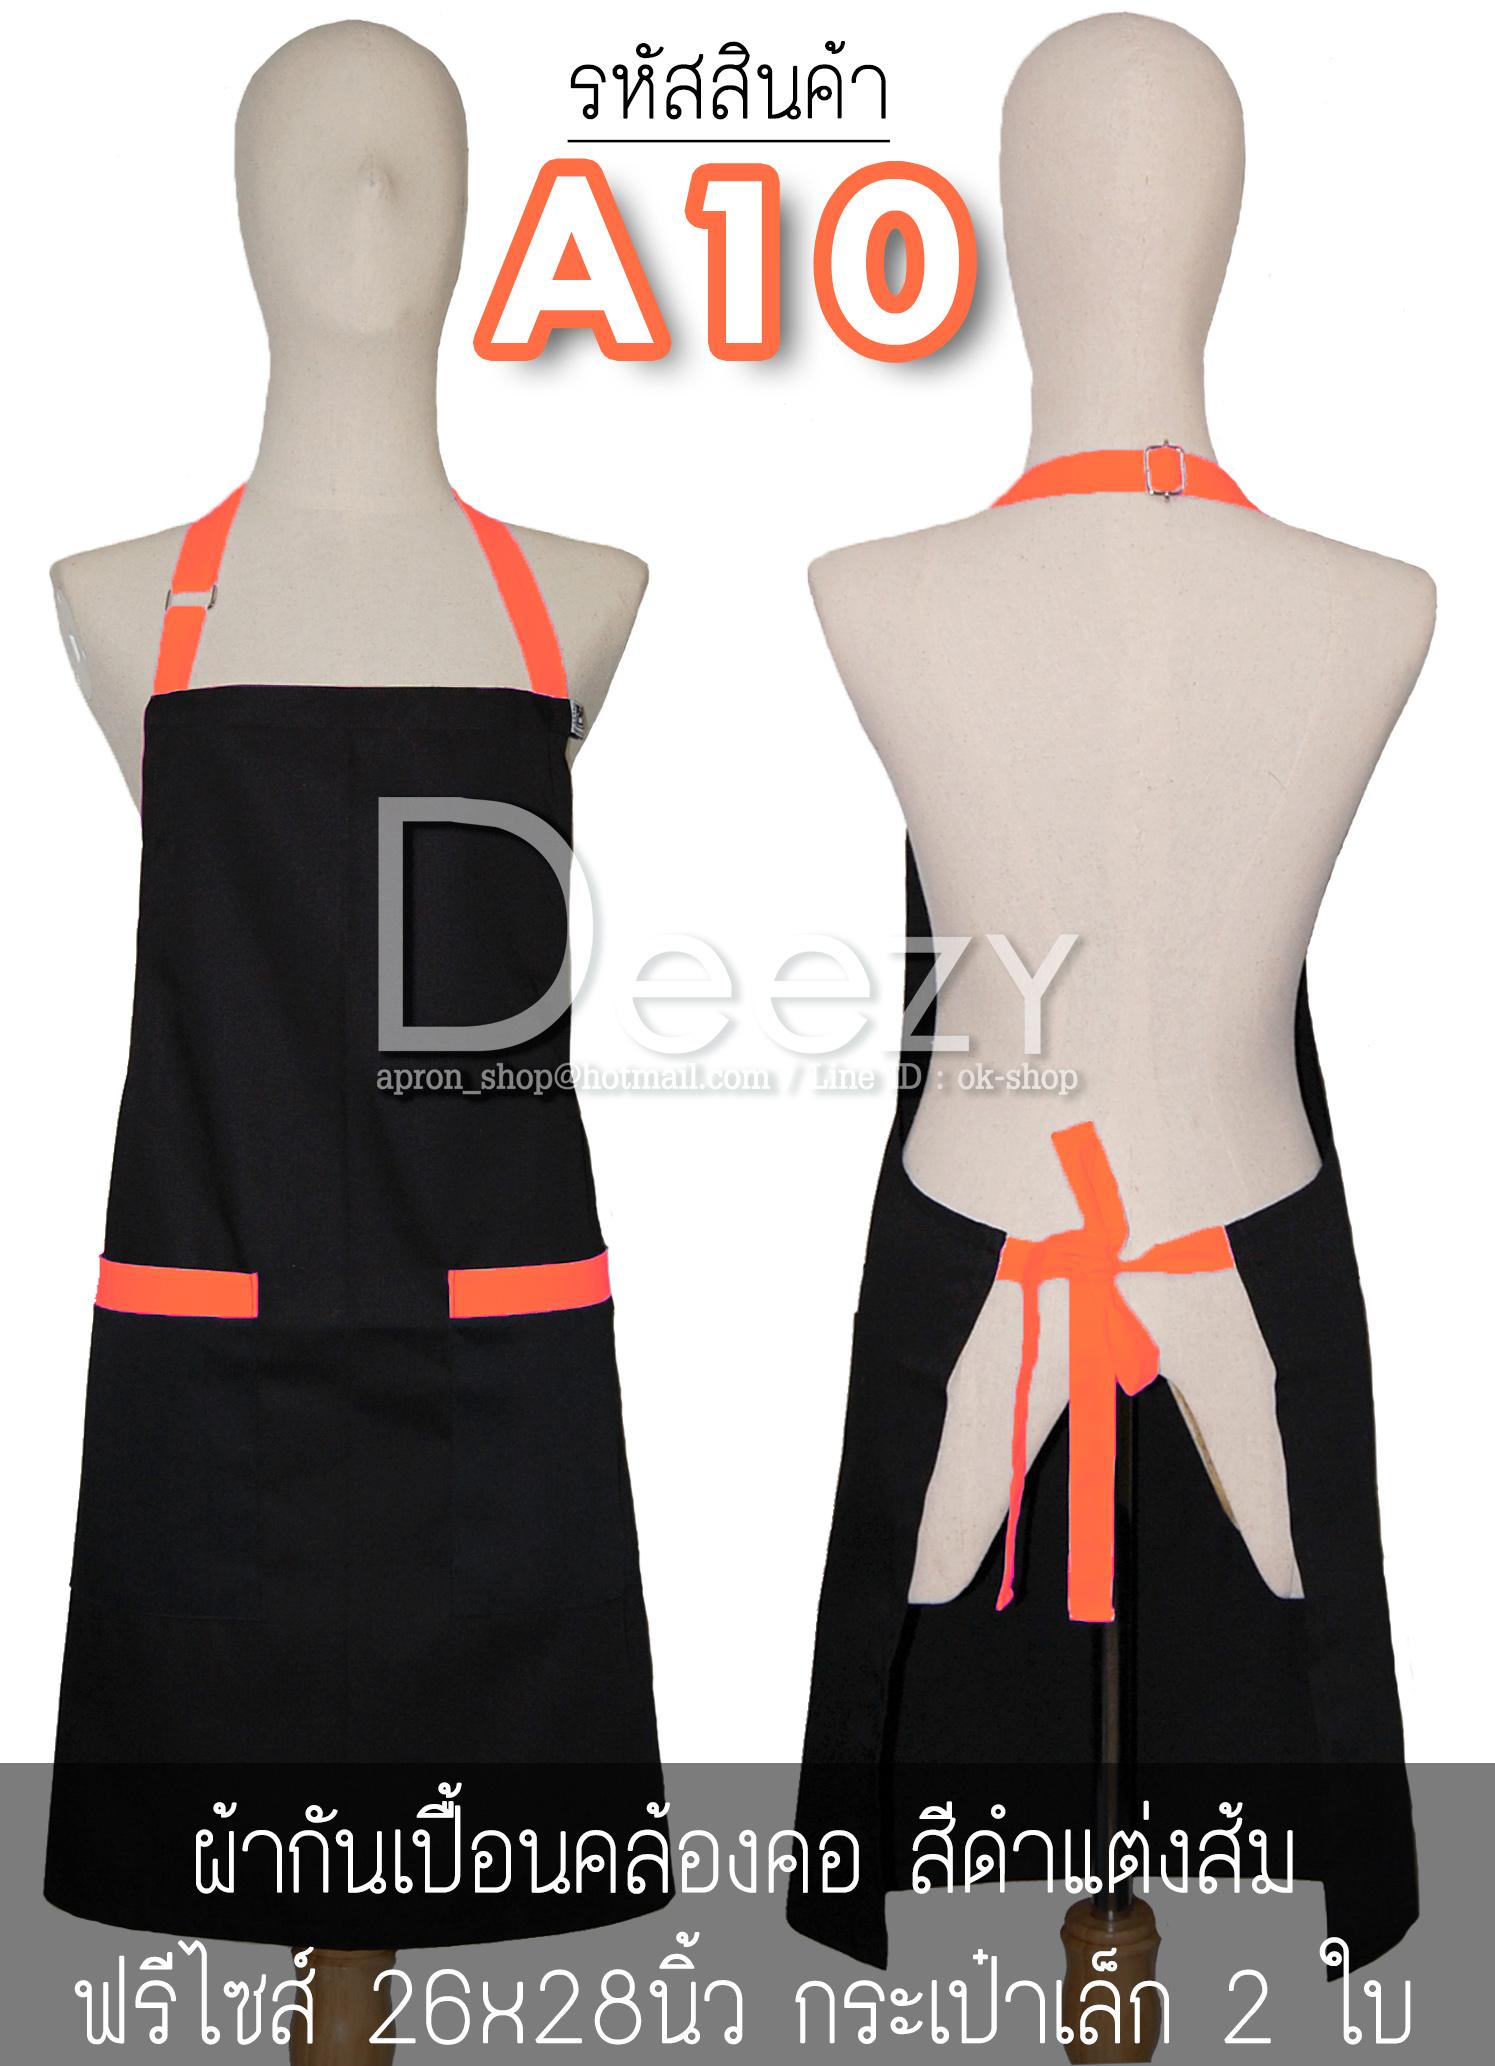 ผ้ากันเปื้อนคล้องคอ สีดำแต่งสายสีส้ม 2 กระเป๋า